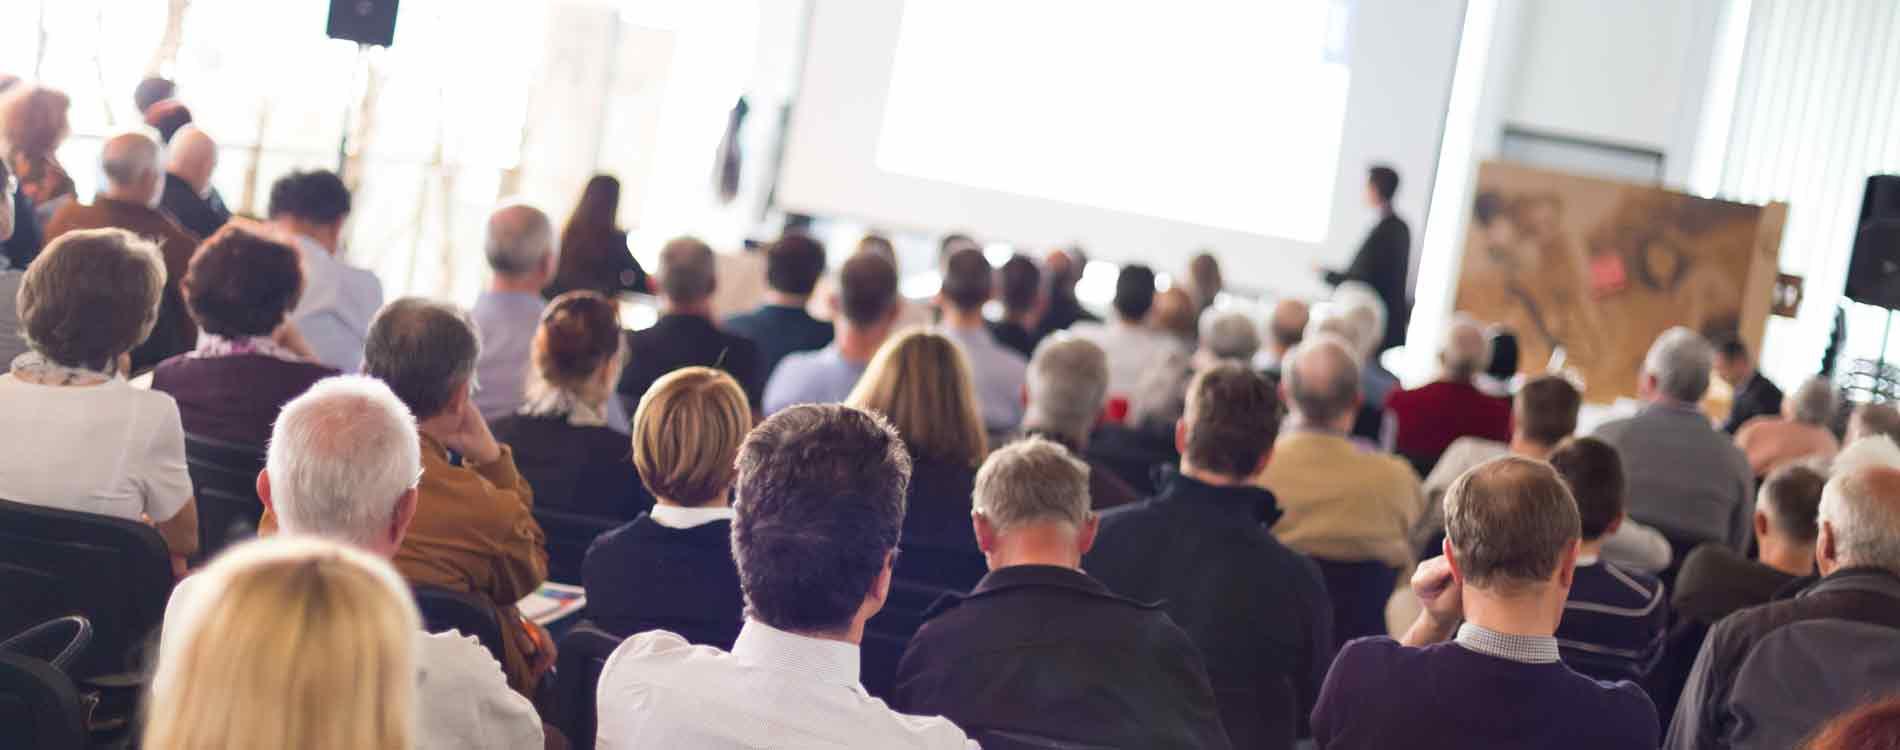 conferences thinkingcap lms